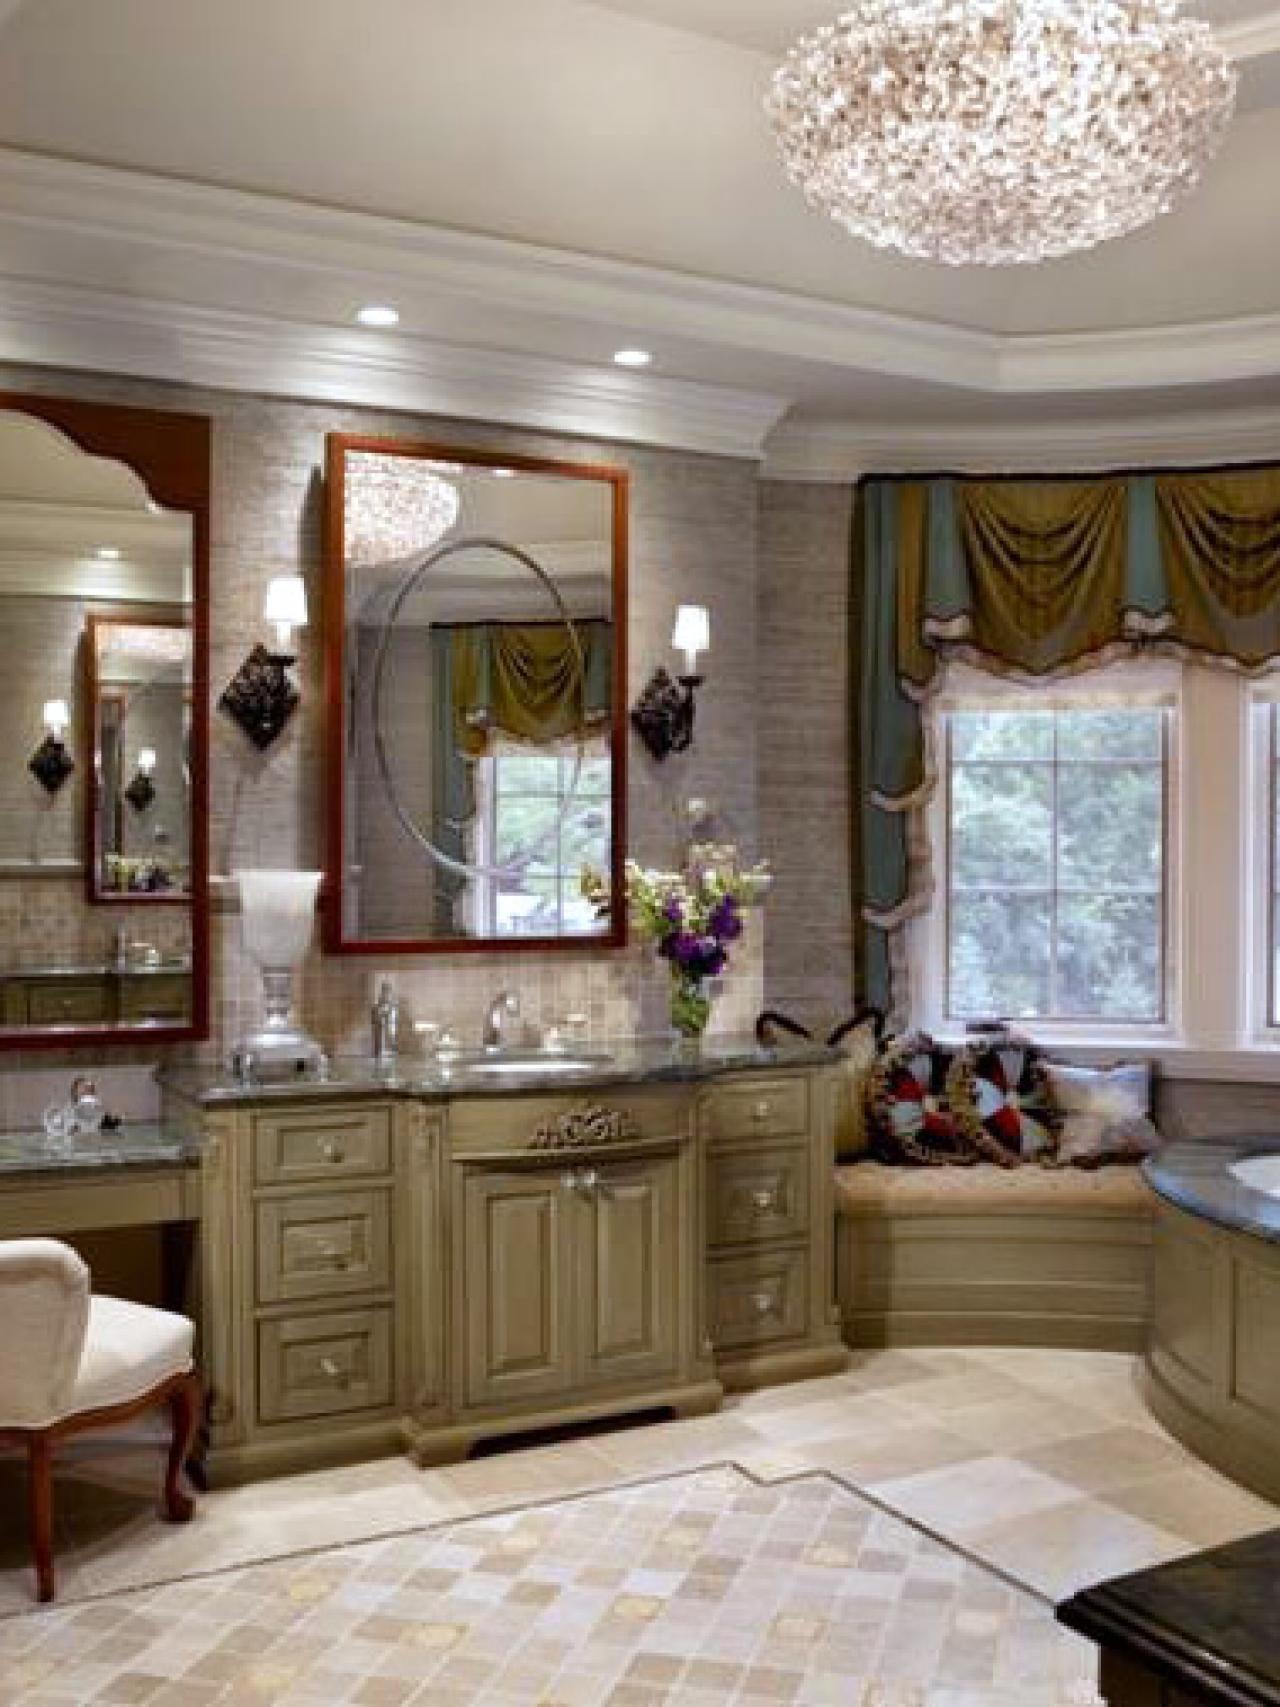 Badezimmer Beleuchtung Und Spiegel, Was Sieht Am Besten